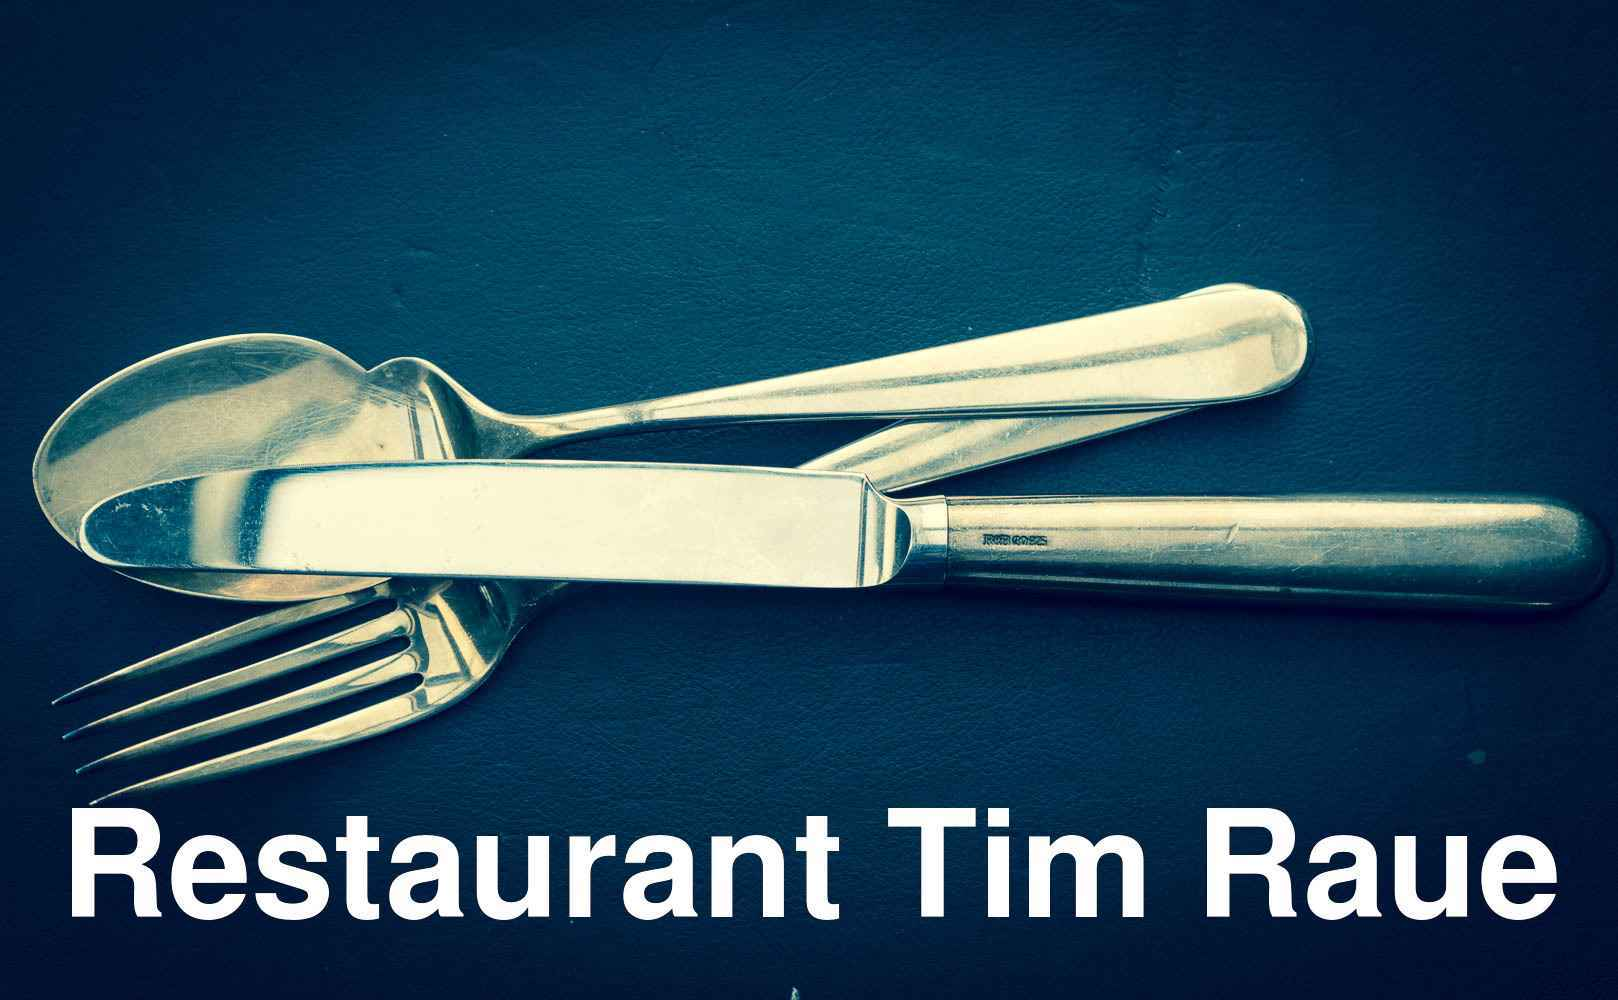 Restaurantkritik: Restaurant Tim Raue in Berlin, Deutschland